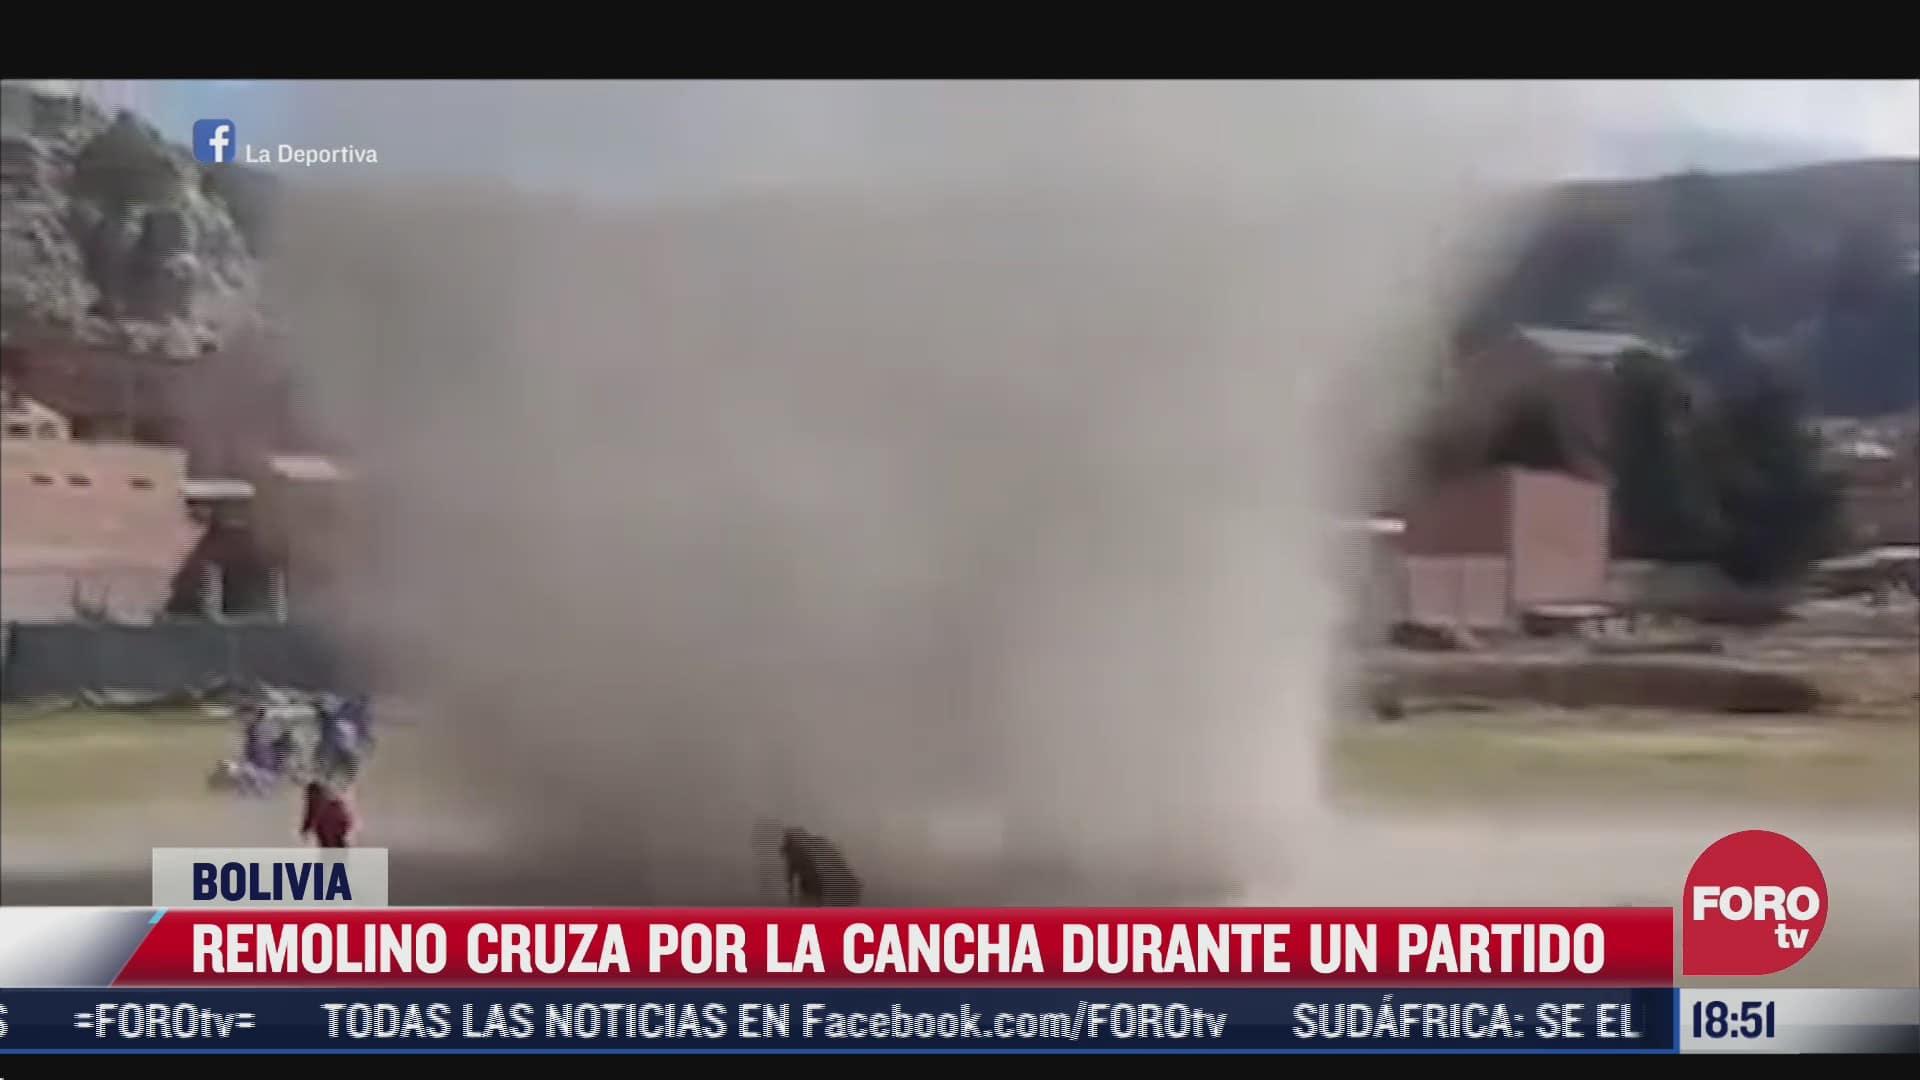 video remolino interrumpe partido de futbol llanero en bolivia